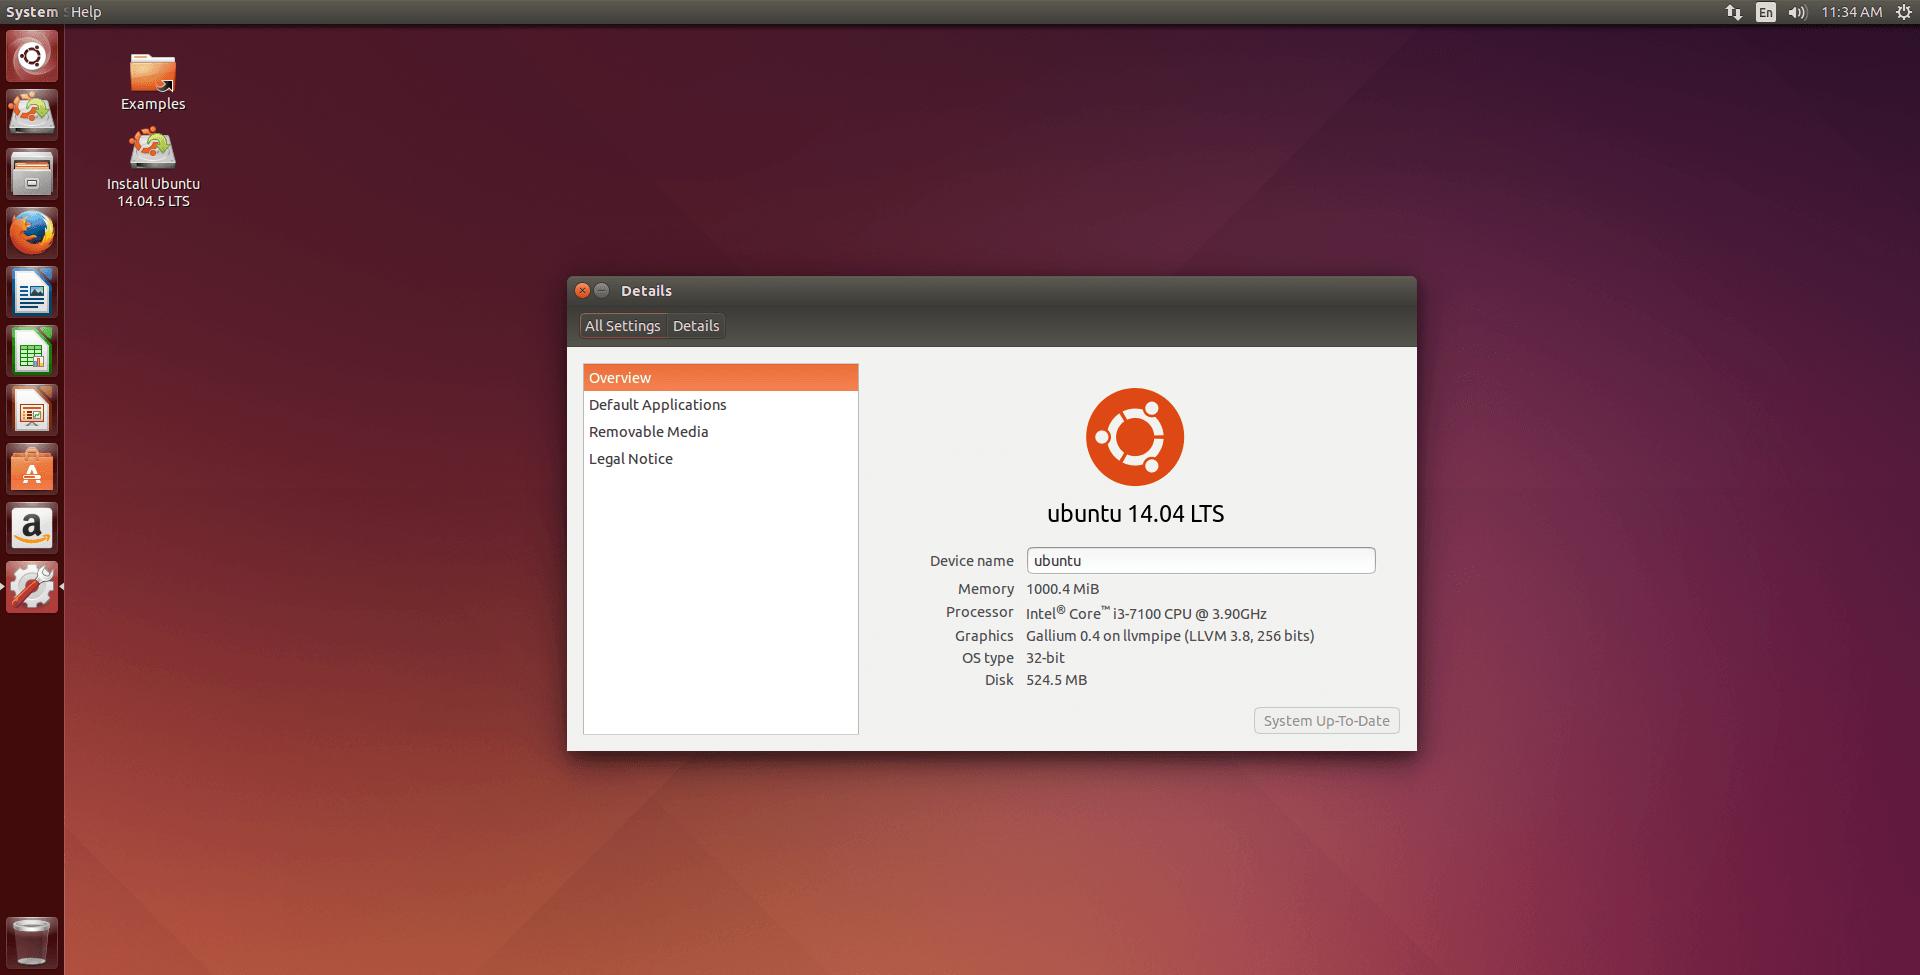 Skype Ubuntu 14.04 32 Bit Download